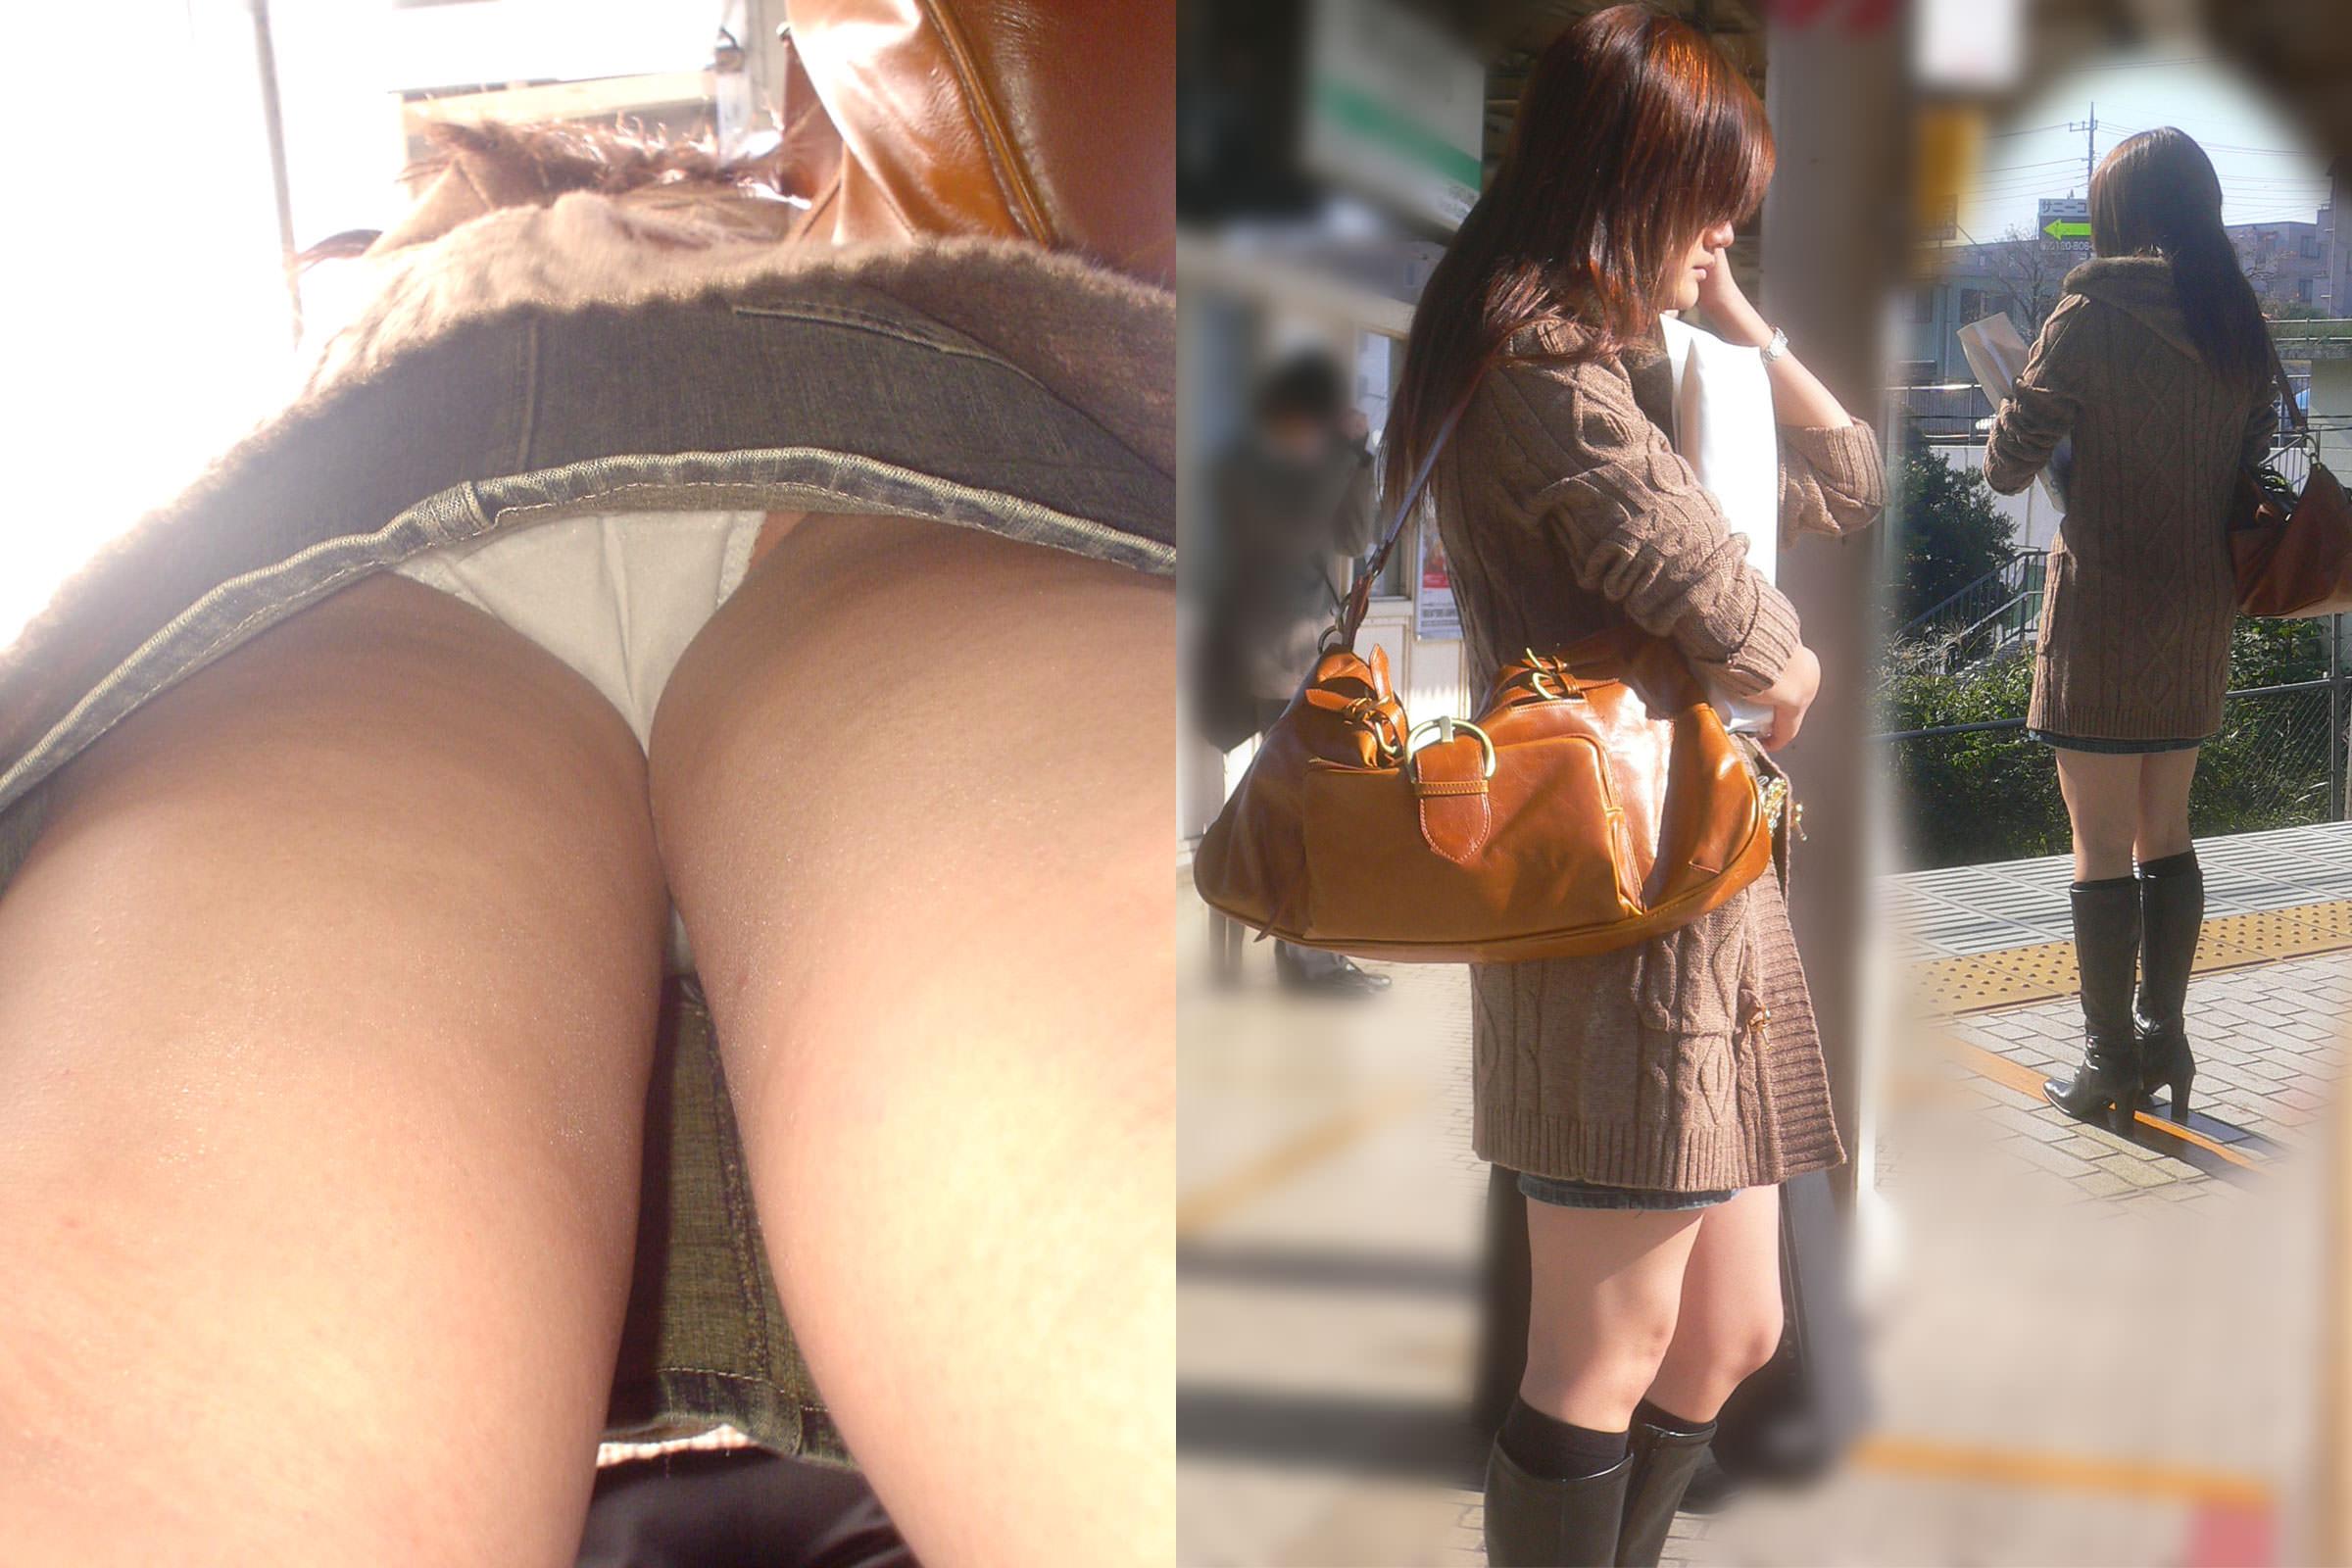 ミニスカにロングブーツで寒さに耐るお姉さんのパンチラ街撮り盗撮wwww 2329